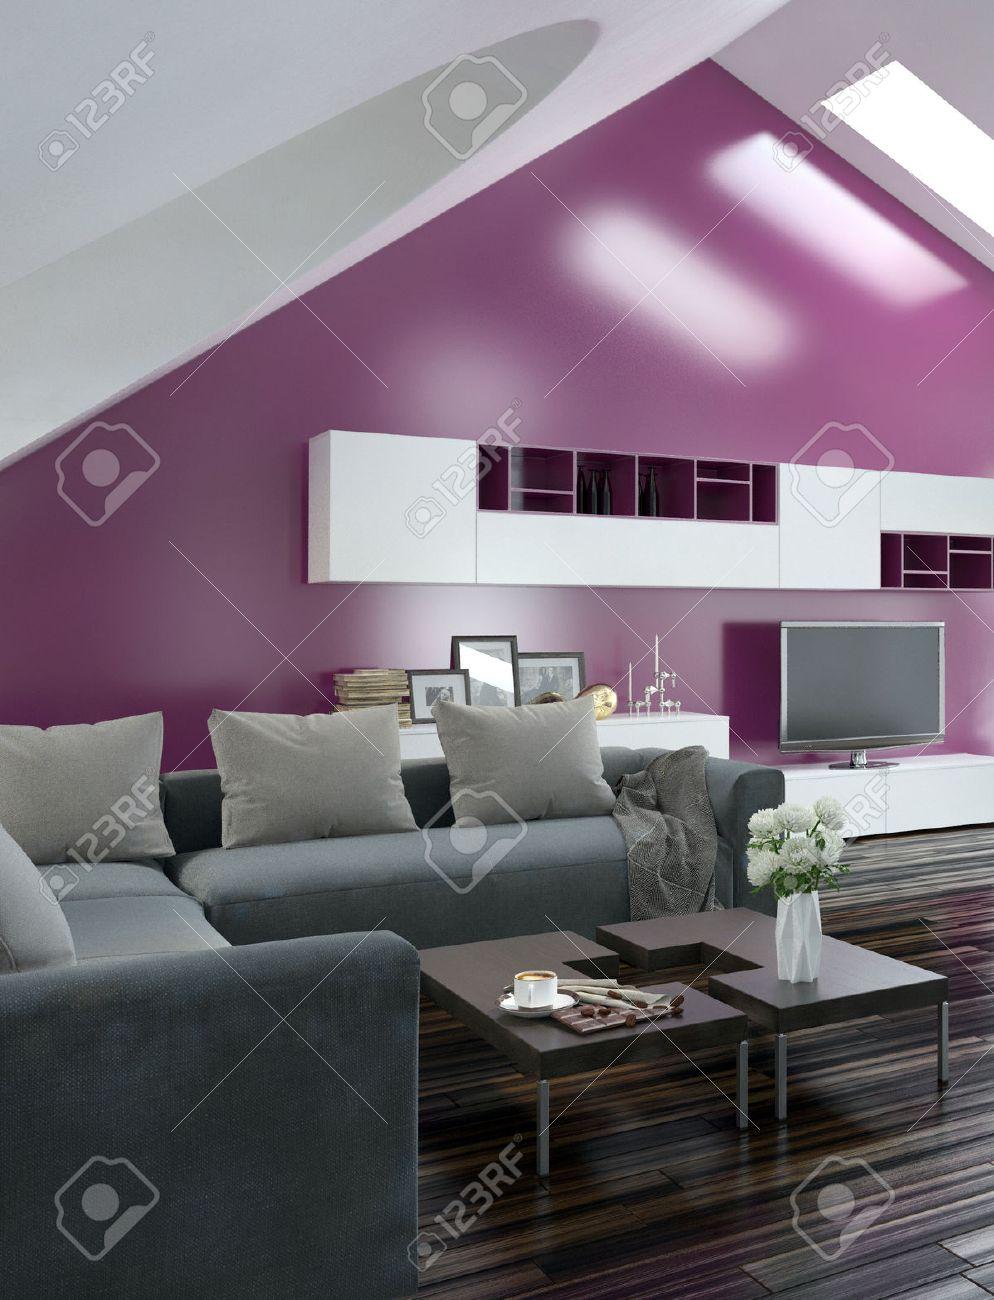 Elegant Moderne Wohnung Wohnzimmer Innenraum Mit Einem Lila Akzent Wand Und  Dachschrge Mit Dachfenster Ber Einem With Dachschrge Wohnzimmer